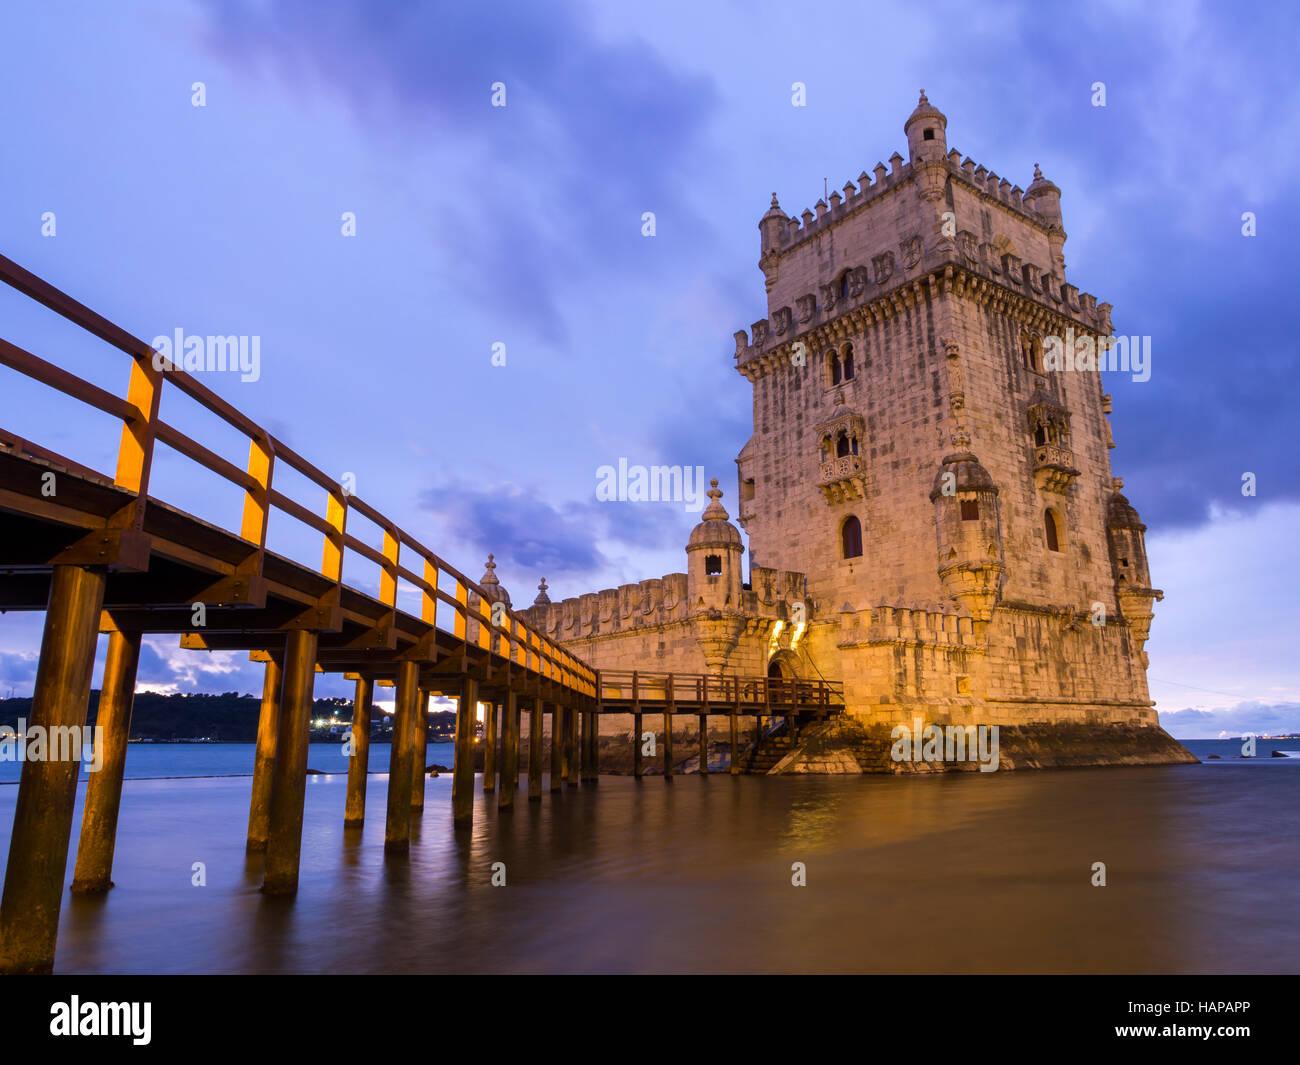 La Torre de Belem en la orilla del río Tajo en Lisboa, Portugal, en la noche. Imagen De Stock